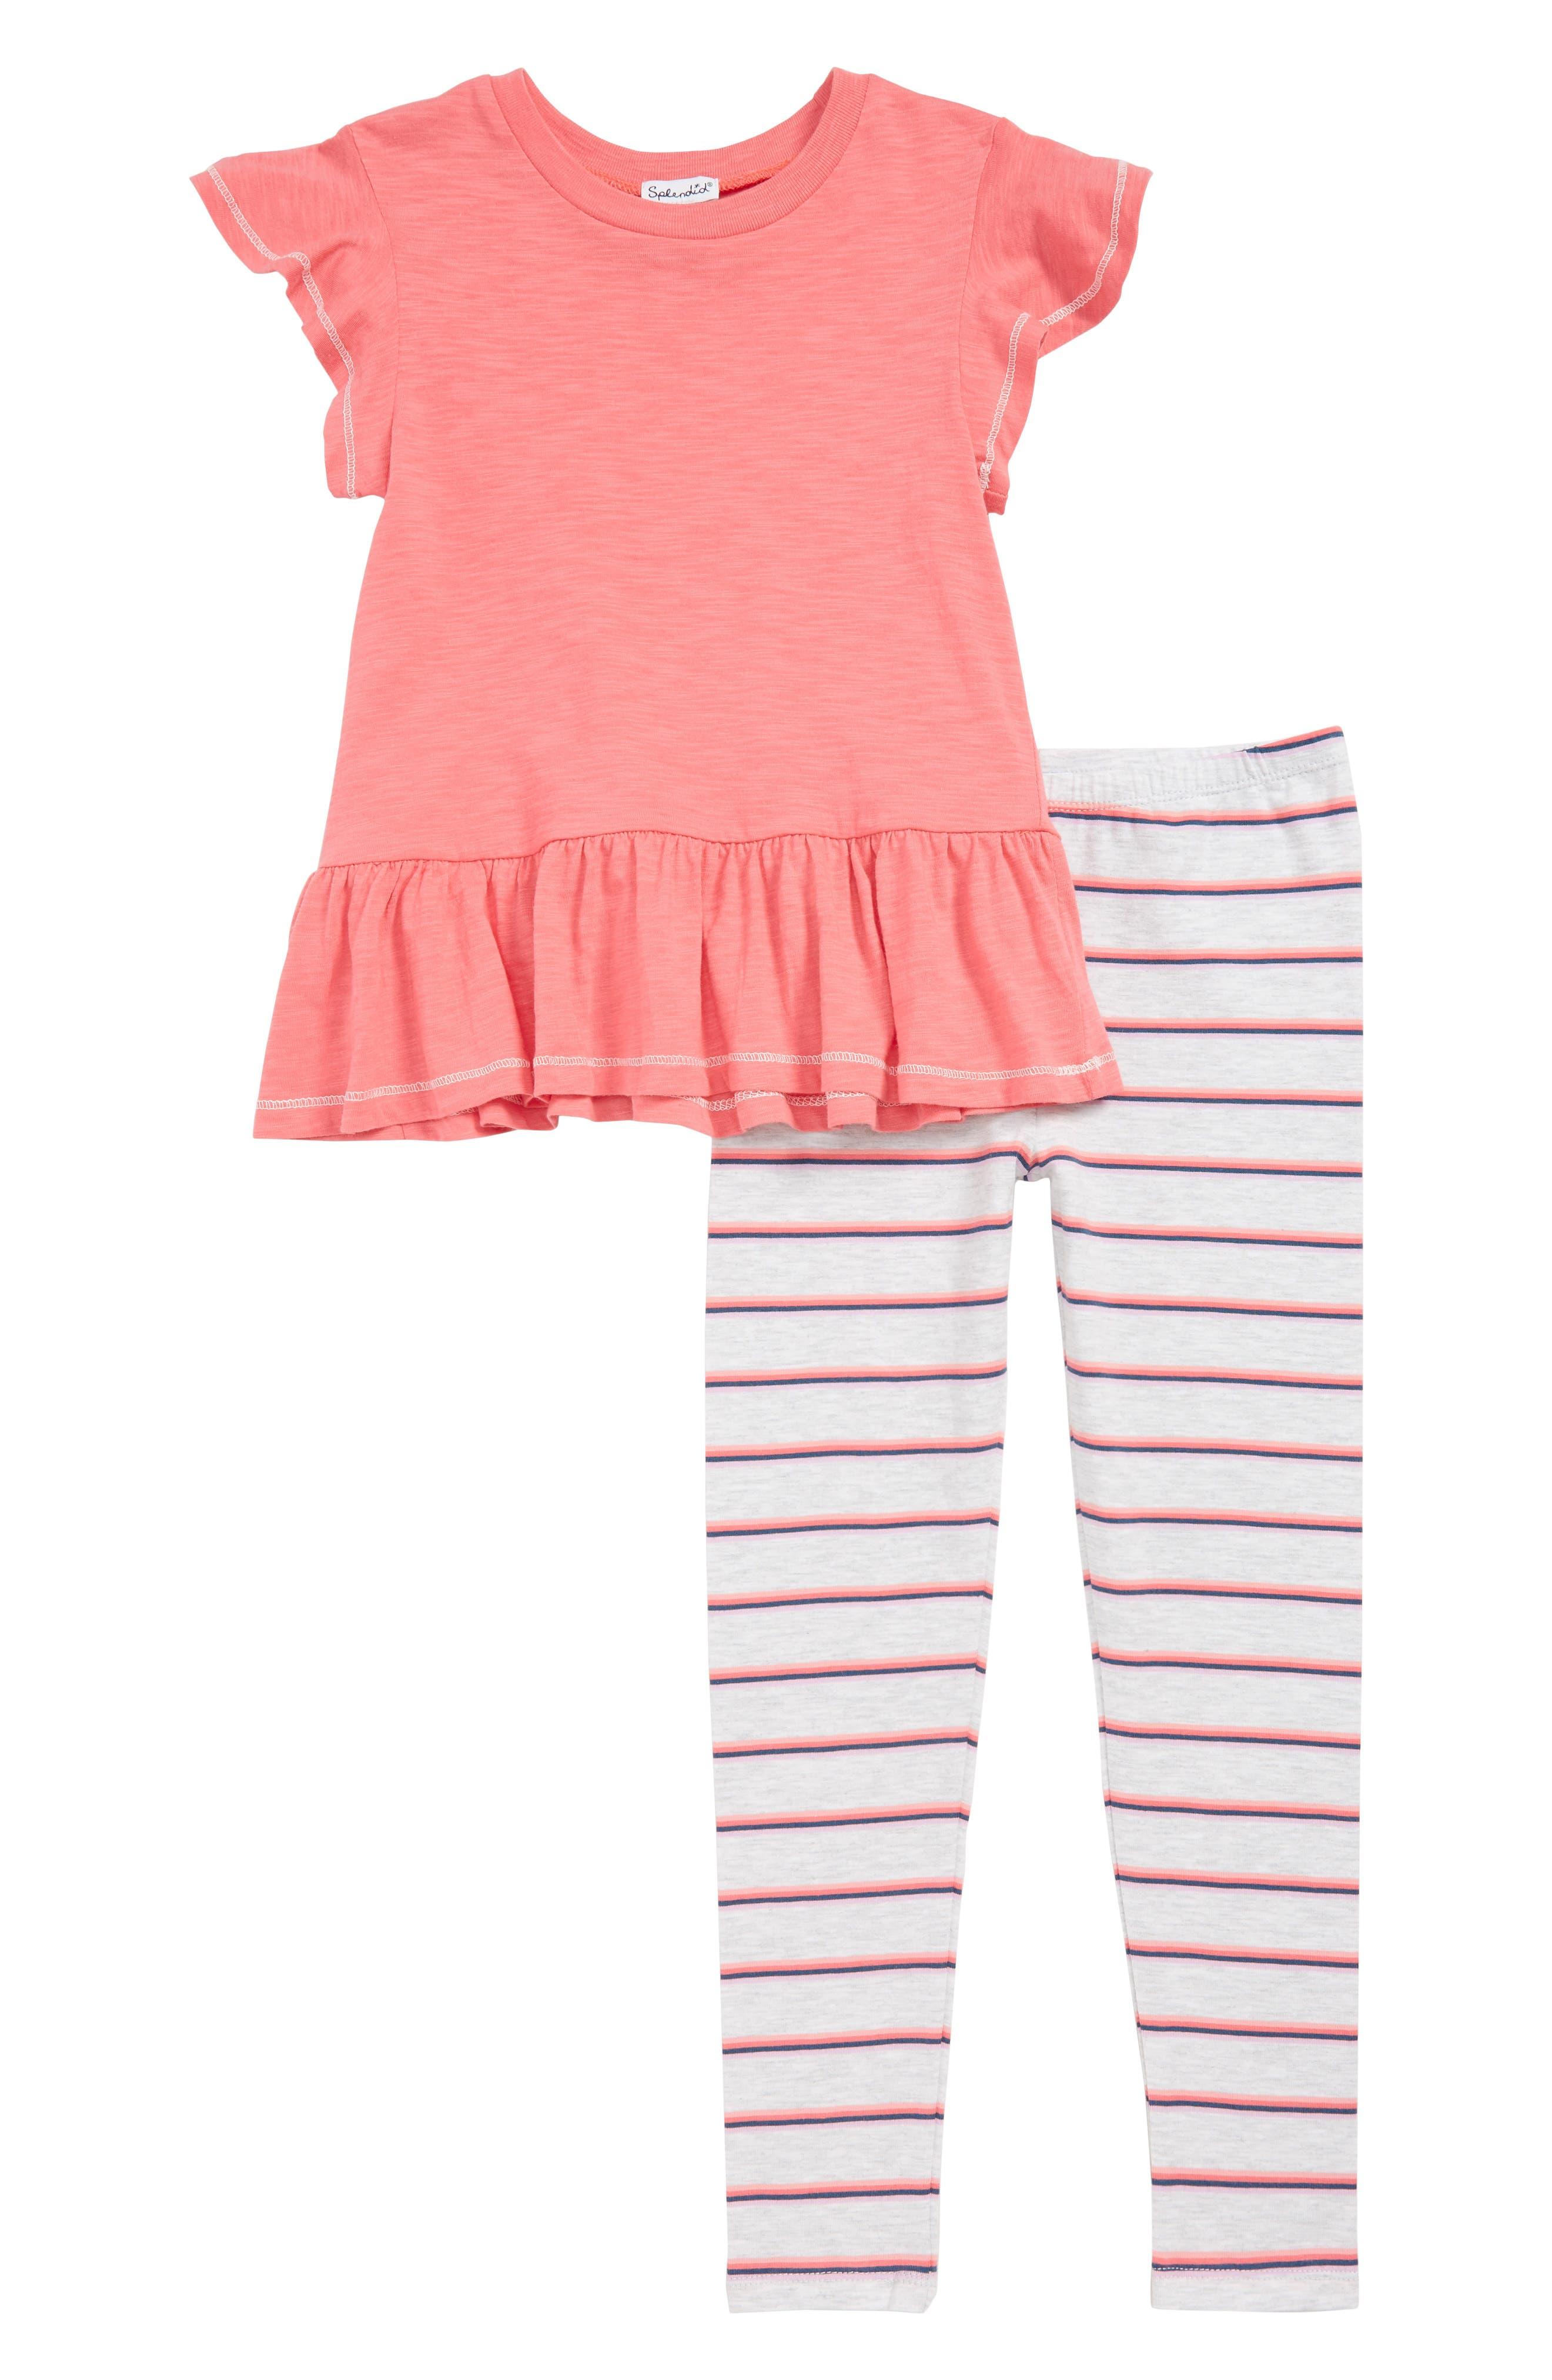 Toddler Girls Splendid Peplum Top  Stripe Leggings Set